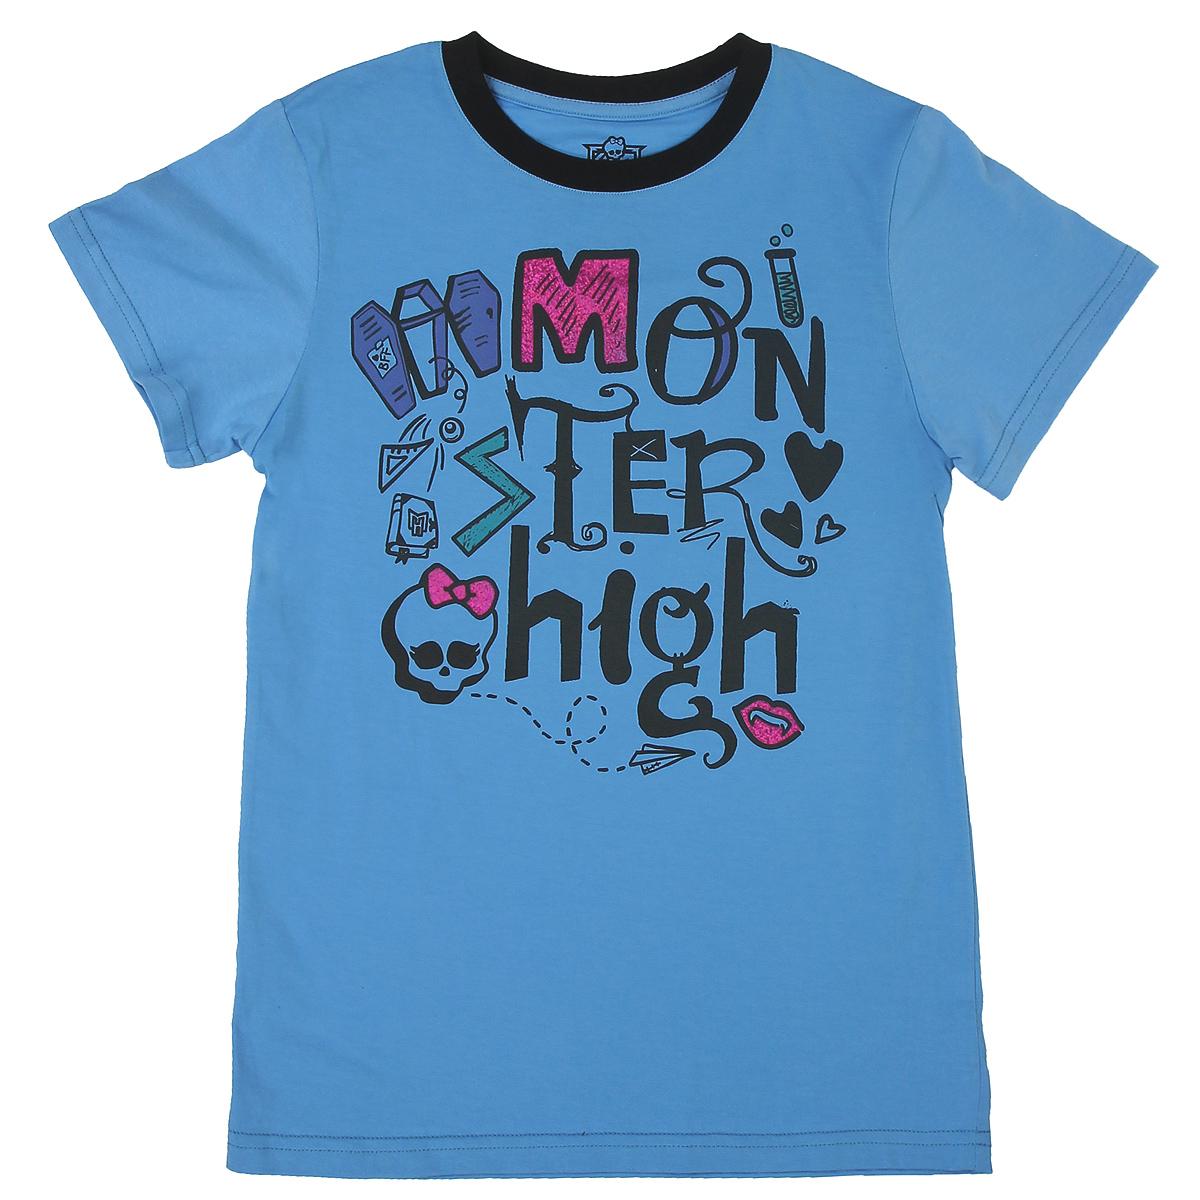 Футболка для девочки. MH-TSG63MH-TSG63_BLUСтильная футболка для девочки Monster High идеально подойдет вашей маленькой моднице. Изготовленная из натурального хлопка, она необычайно мягкая и приятная на ощупь, не сковывает движения ребенка и позволяет коже дышать, не раздражает даже самую нежную и чувствительную кожу, обеспечивая наибольший комфорт. Футболка свободного кроя с короткими рукавами и круглым вырезом горловины спереди оформлена оригинальными принтованой надписью Monster High. Вырез горловины дополнен трикотажной эластичной резинкой. Оригинальный современный дизайн и модная расцветка делают эту футболку модным и стильным предметом детского гардероба. В ней ваша дочурка будет чувствовать себя уютно и комфортно, и всегда будет в центре внимания!